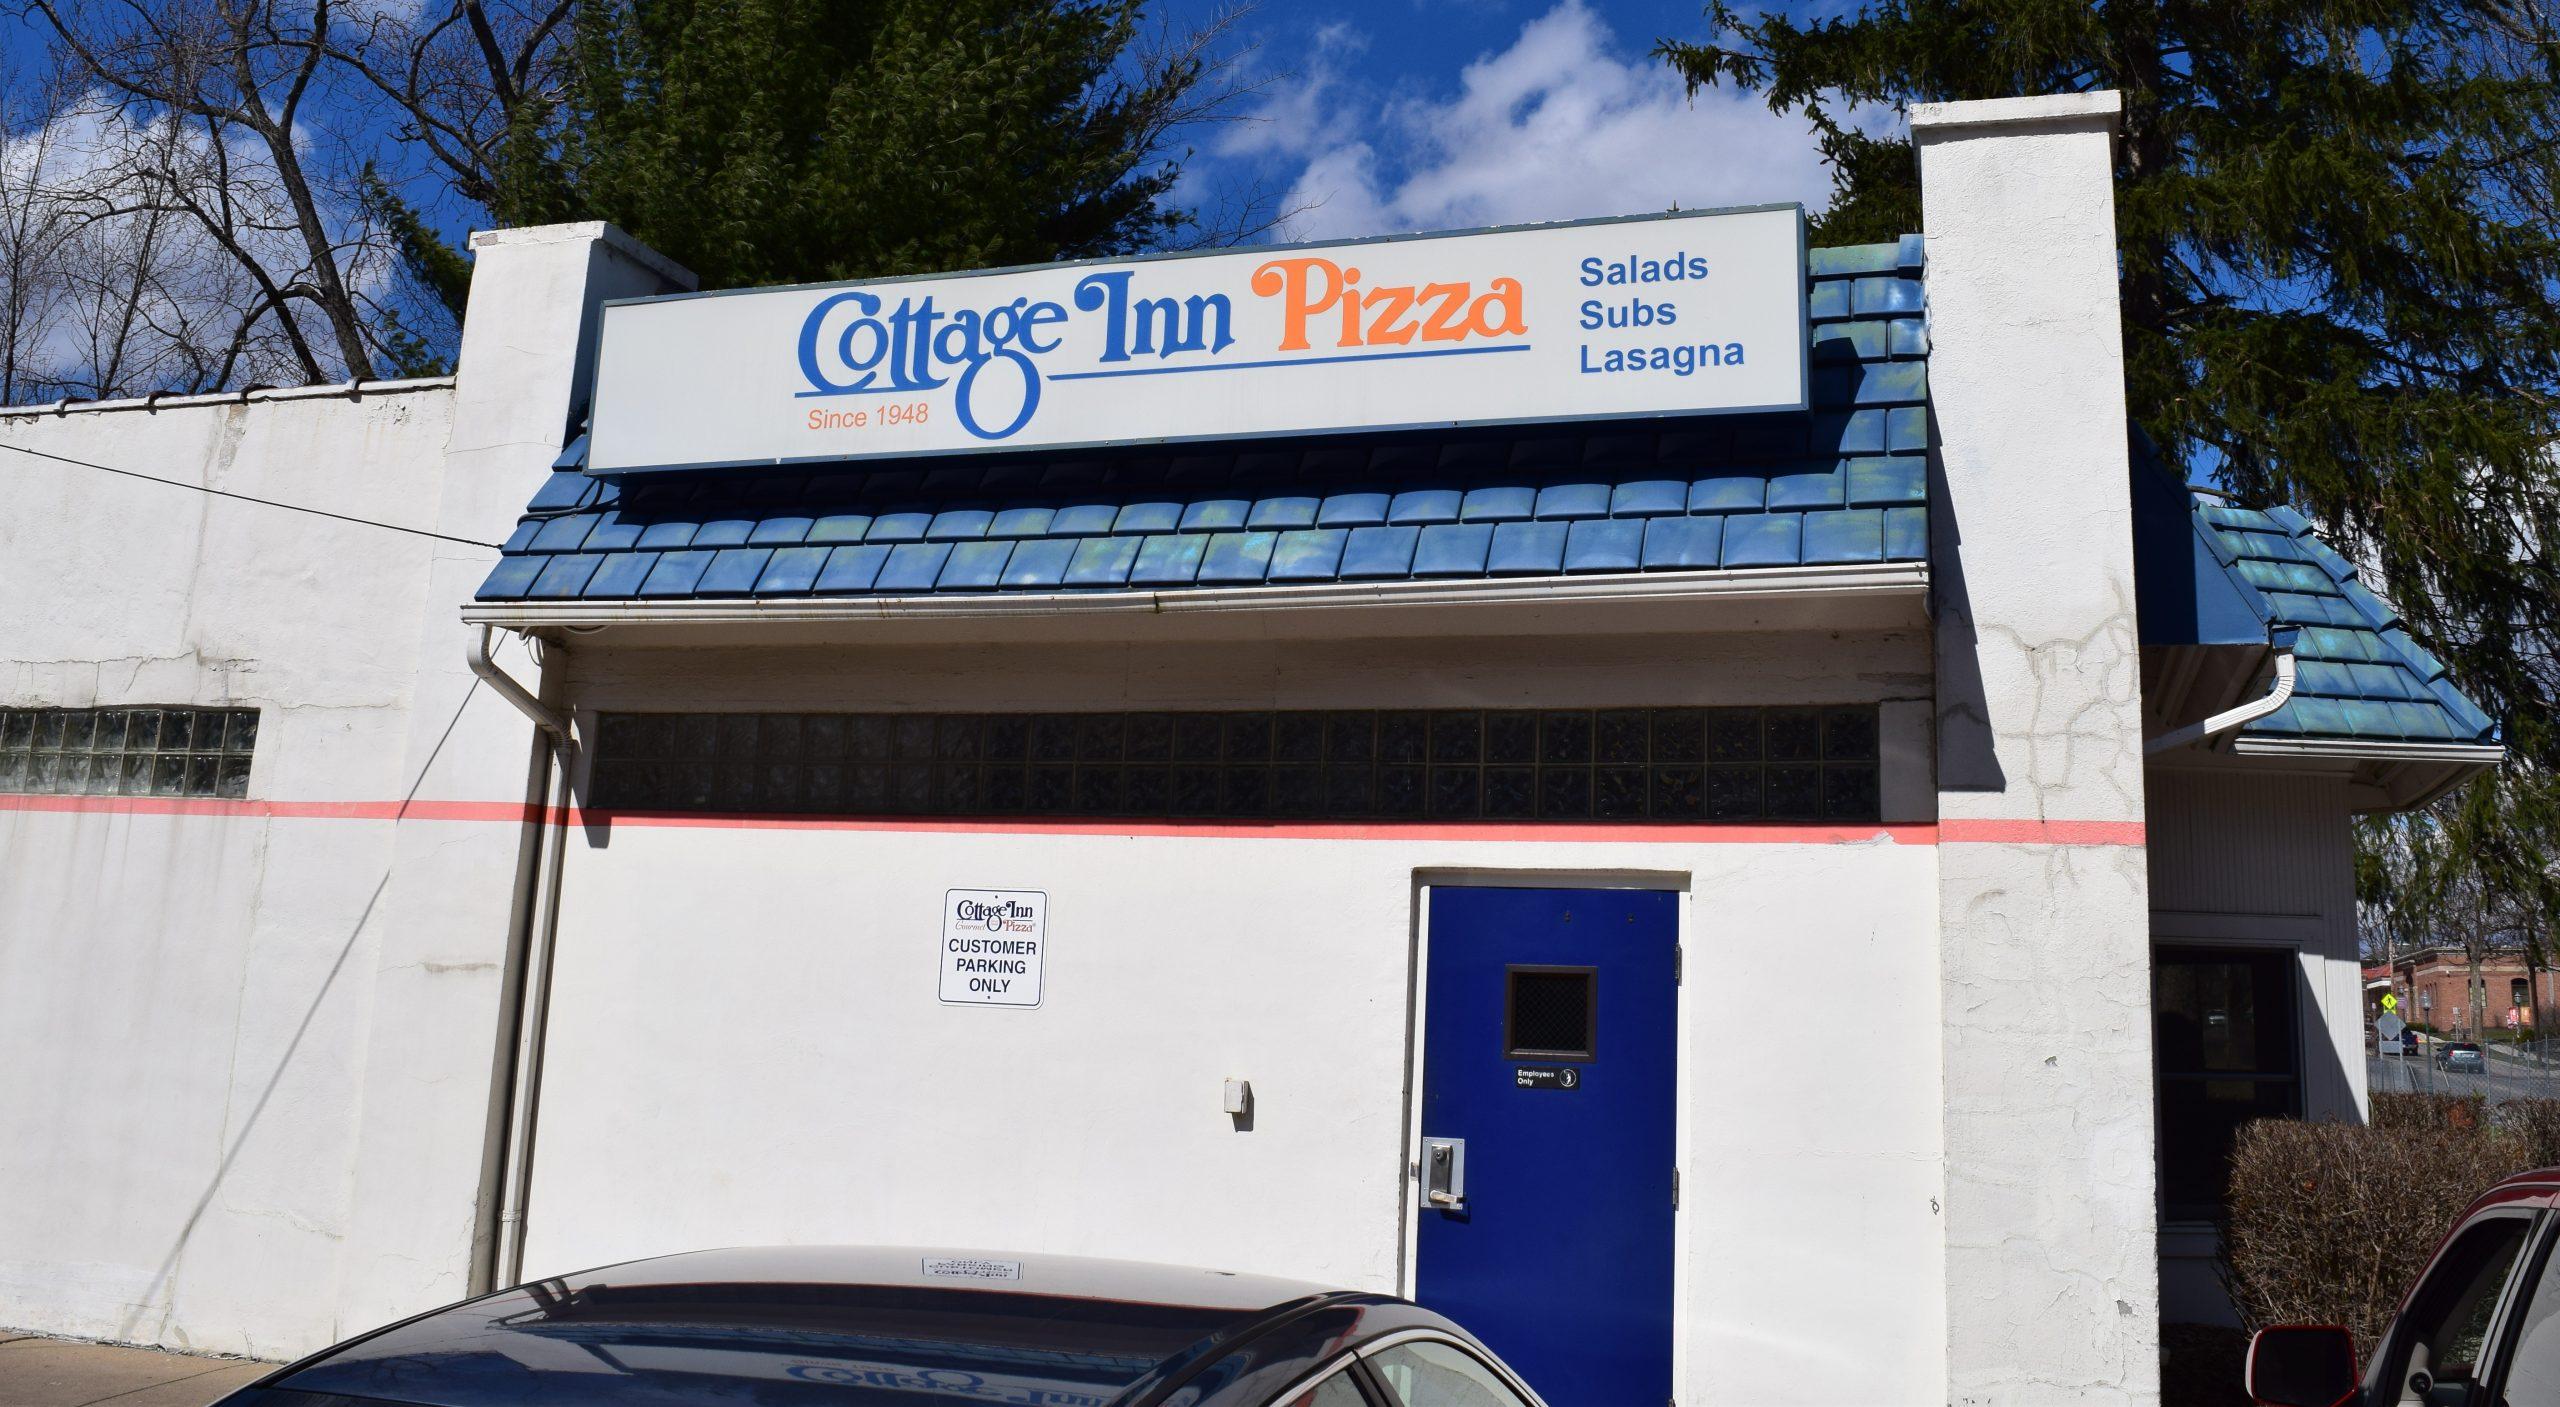 Cottage Inn Pizza Chelsea